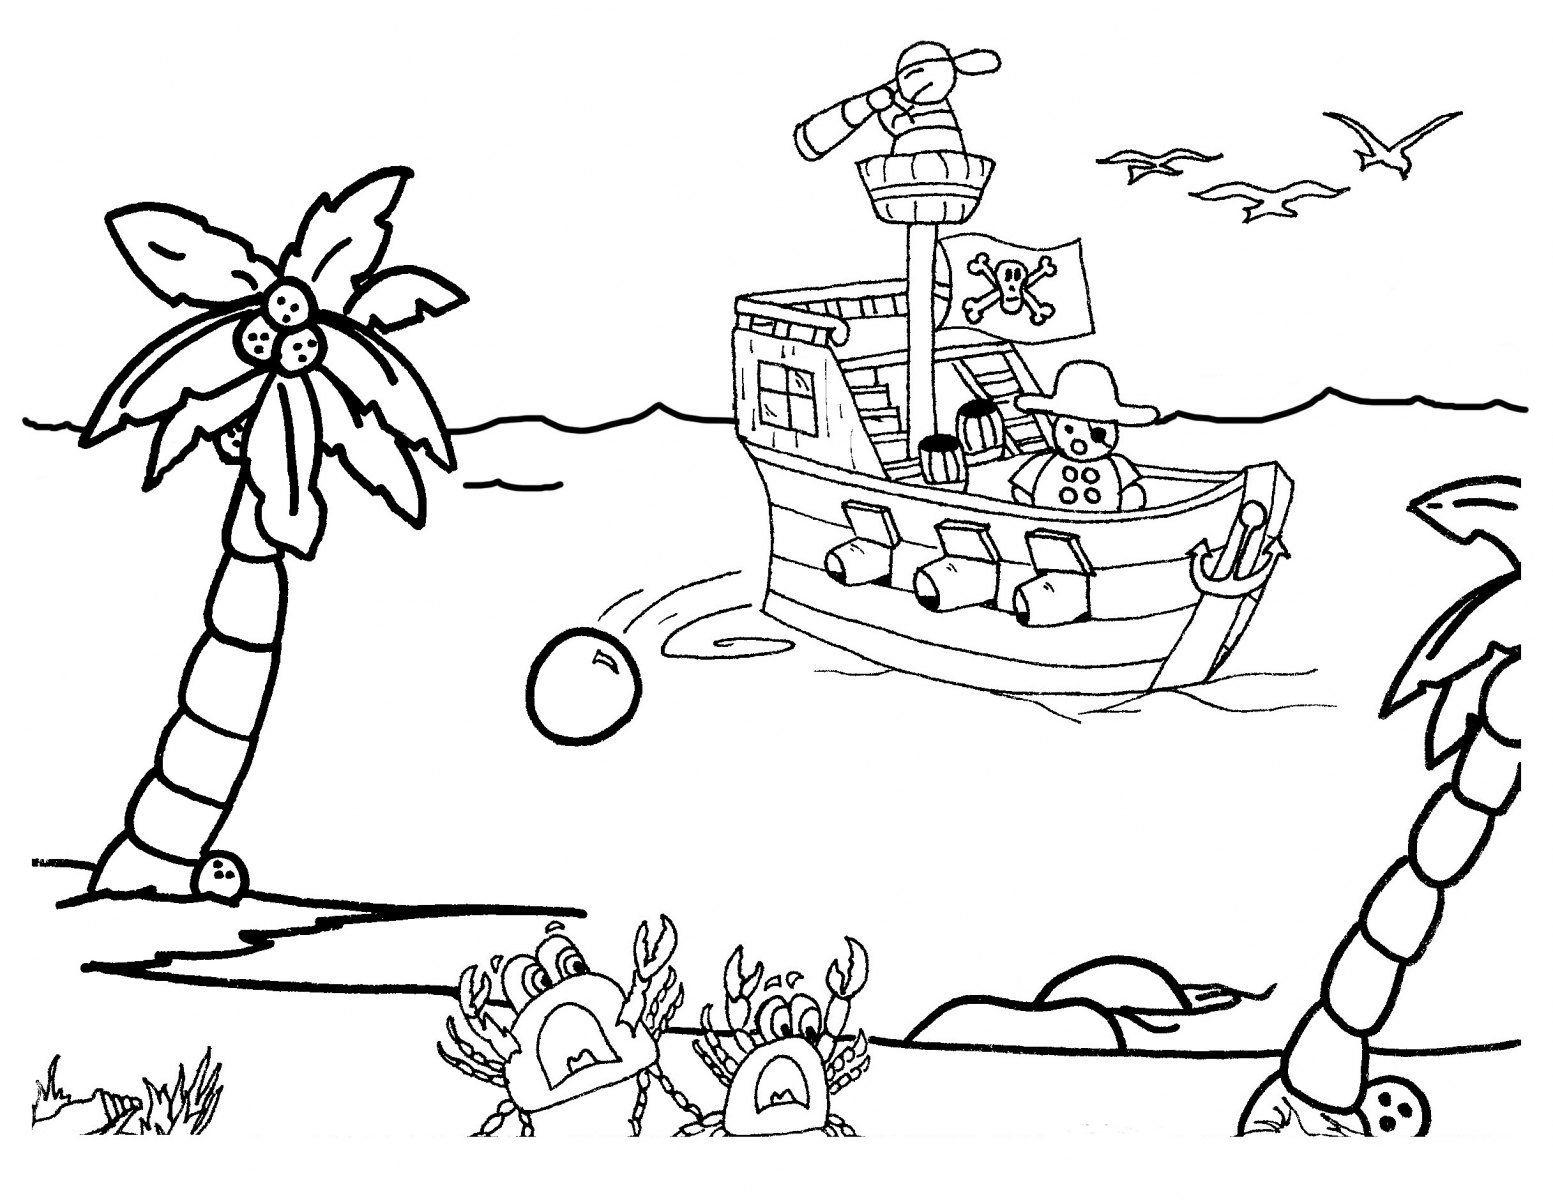 Imagenes De Piratas Para Colorear E Imprimir Buscar Con Google Páginas Para Colorear Imágenes De Piratas Piratas